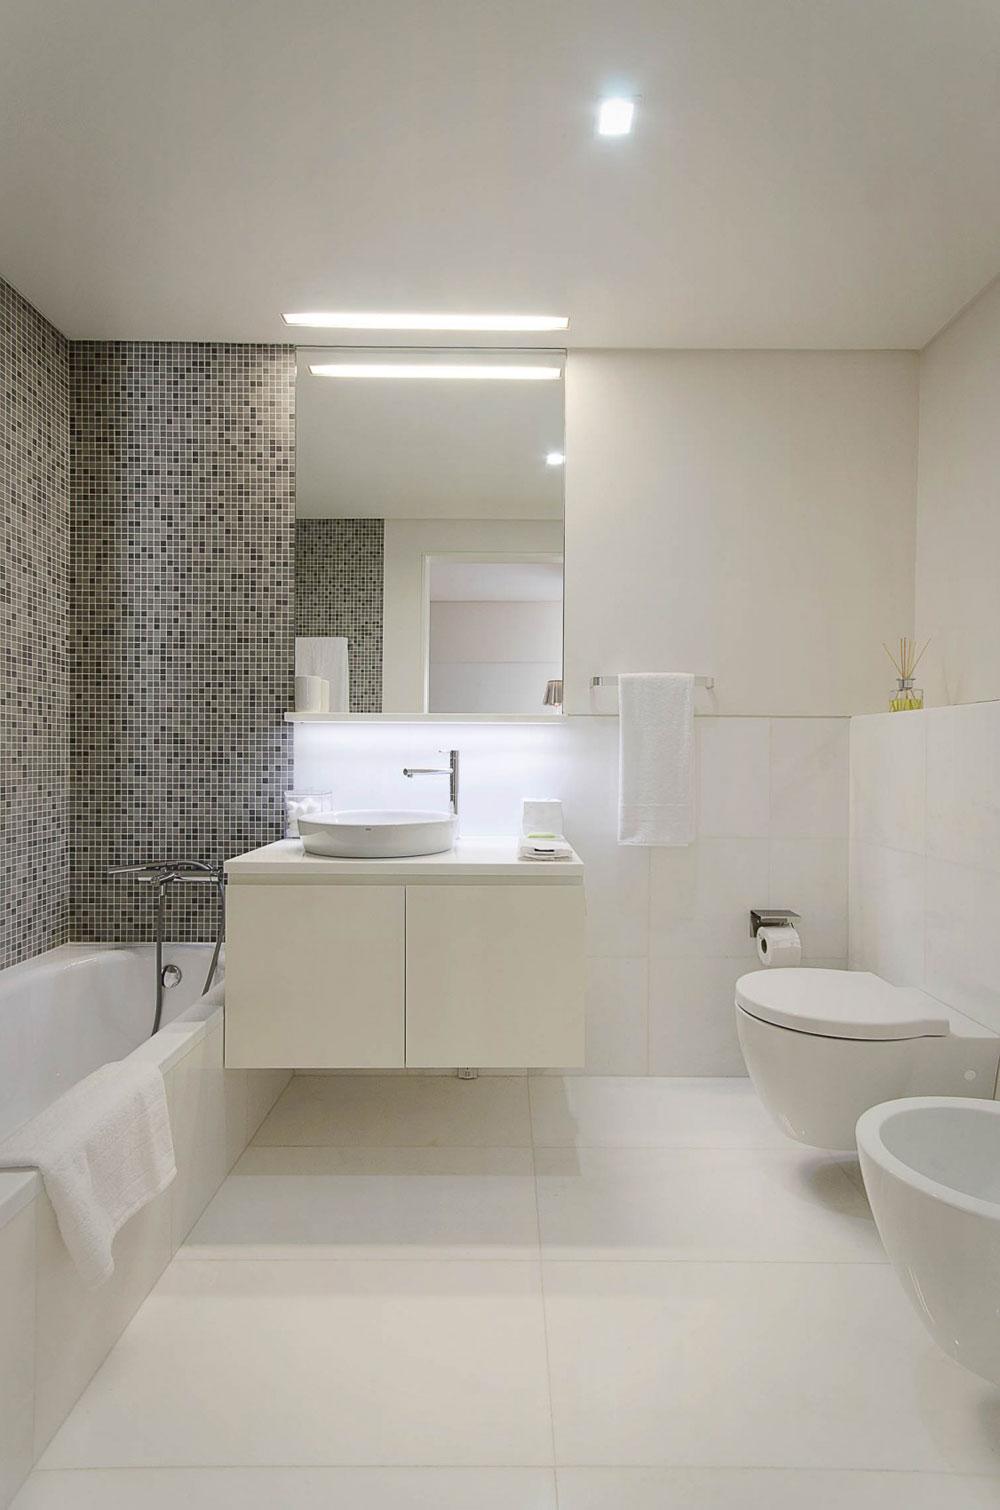 Letar du efter inspiration för modern badrumsinredning-14 Letar du efter inspiration för modern badrumsinredning?